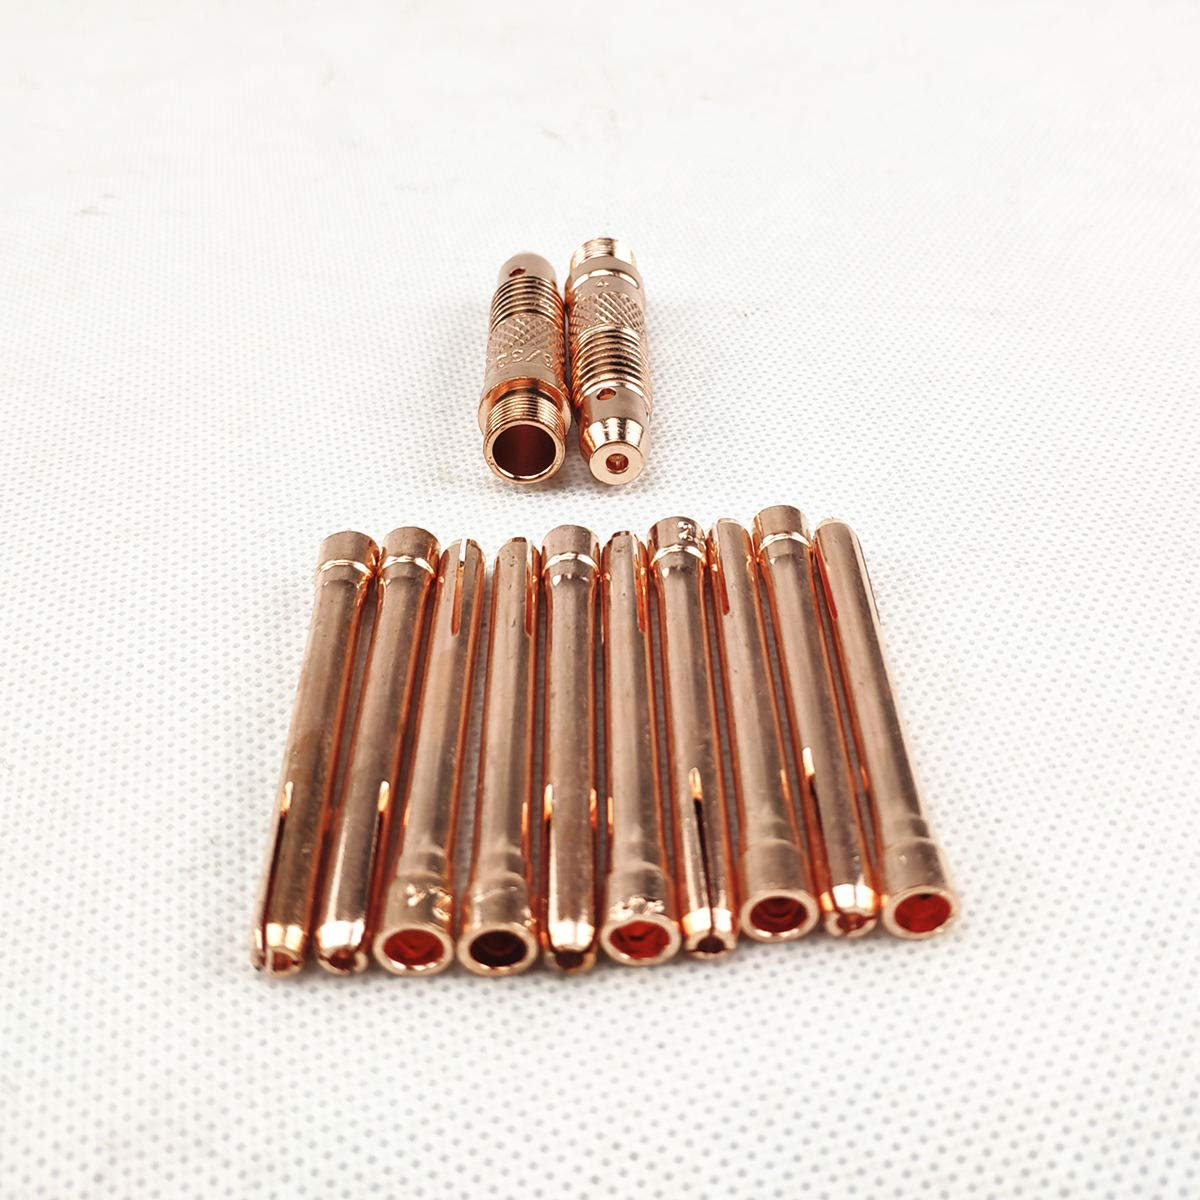 Lot de 12 lames de soudage en argon TIG pour électrode de de tungstène 1,0 mm, 1,6 mm, 2,0 mm, 2,4 mm, 3,0 mm, 3,2 mm